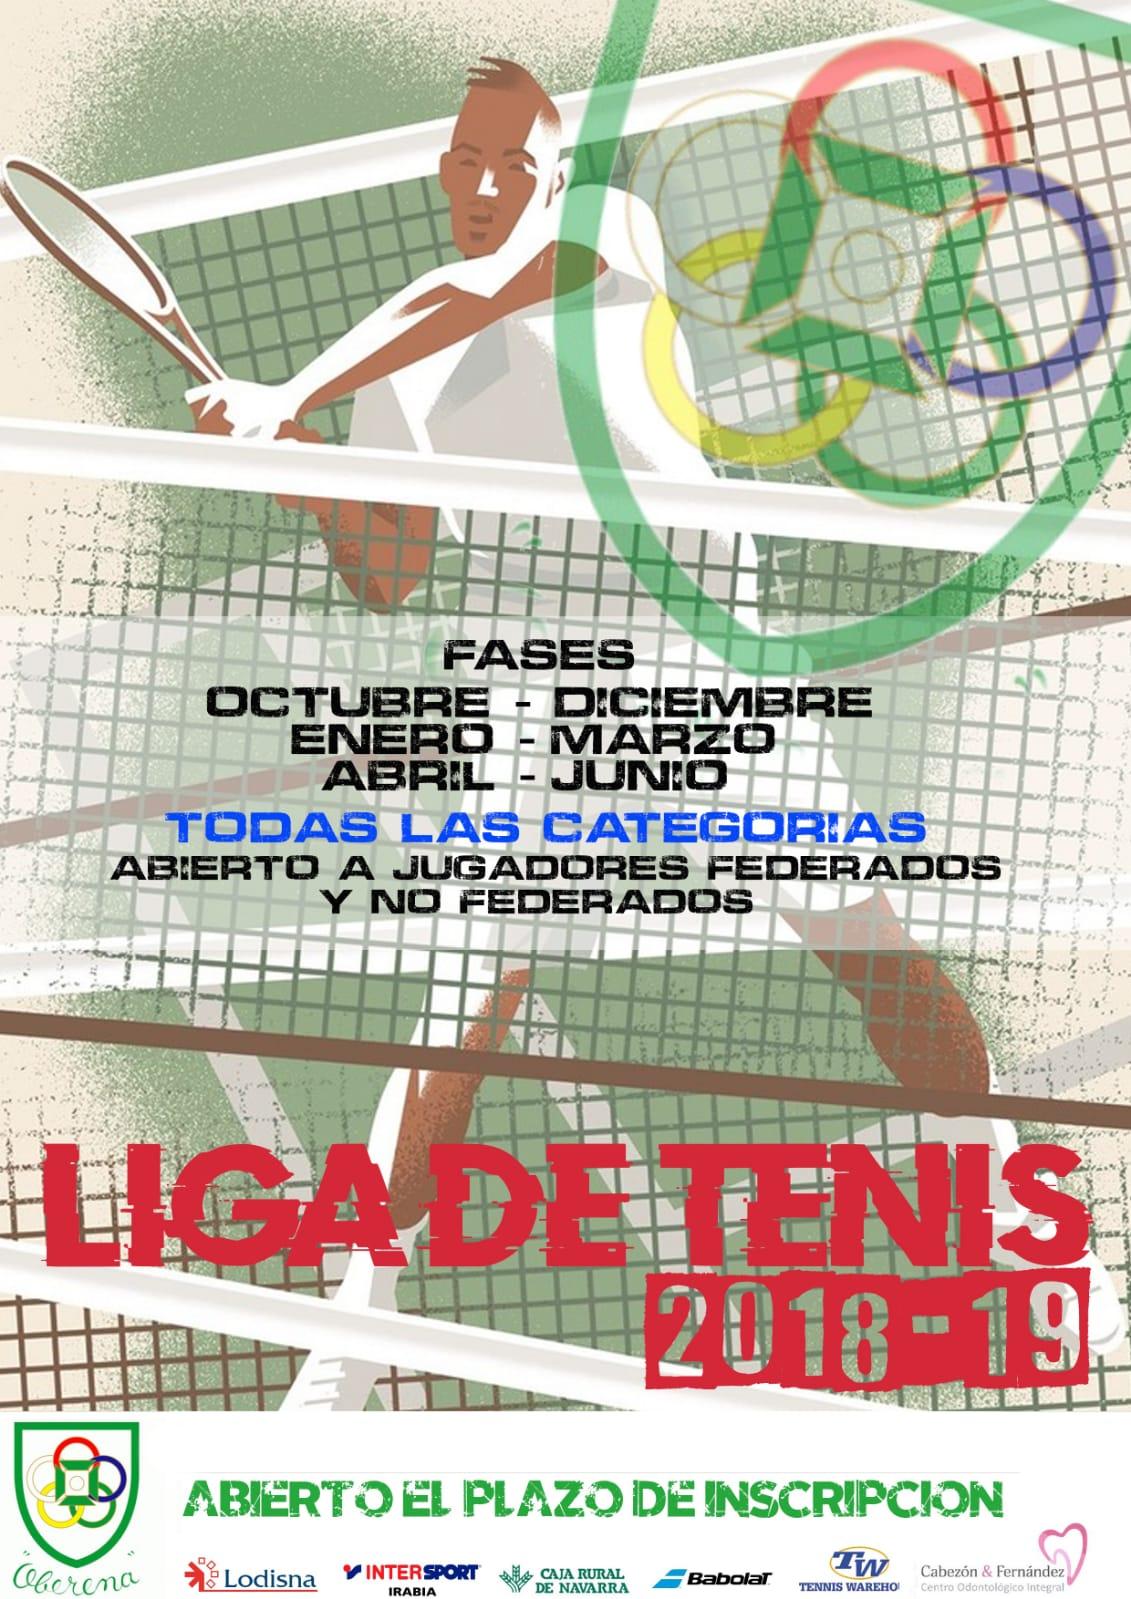 Liga Social Tenis 2018/19